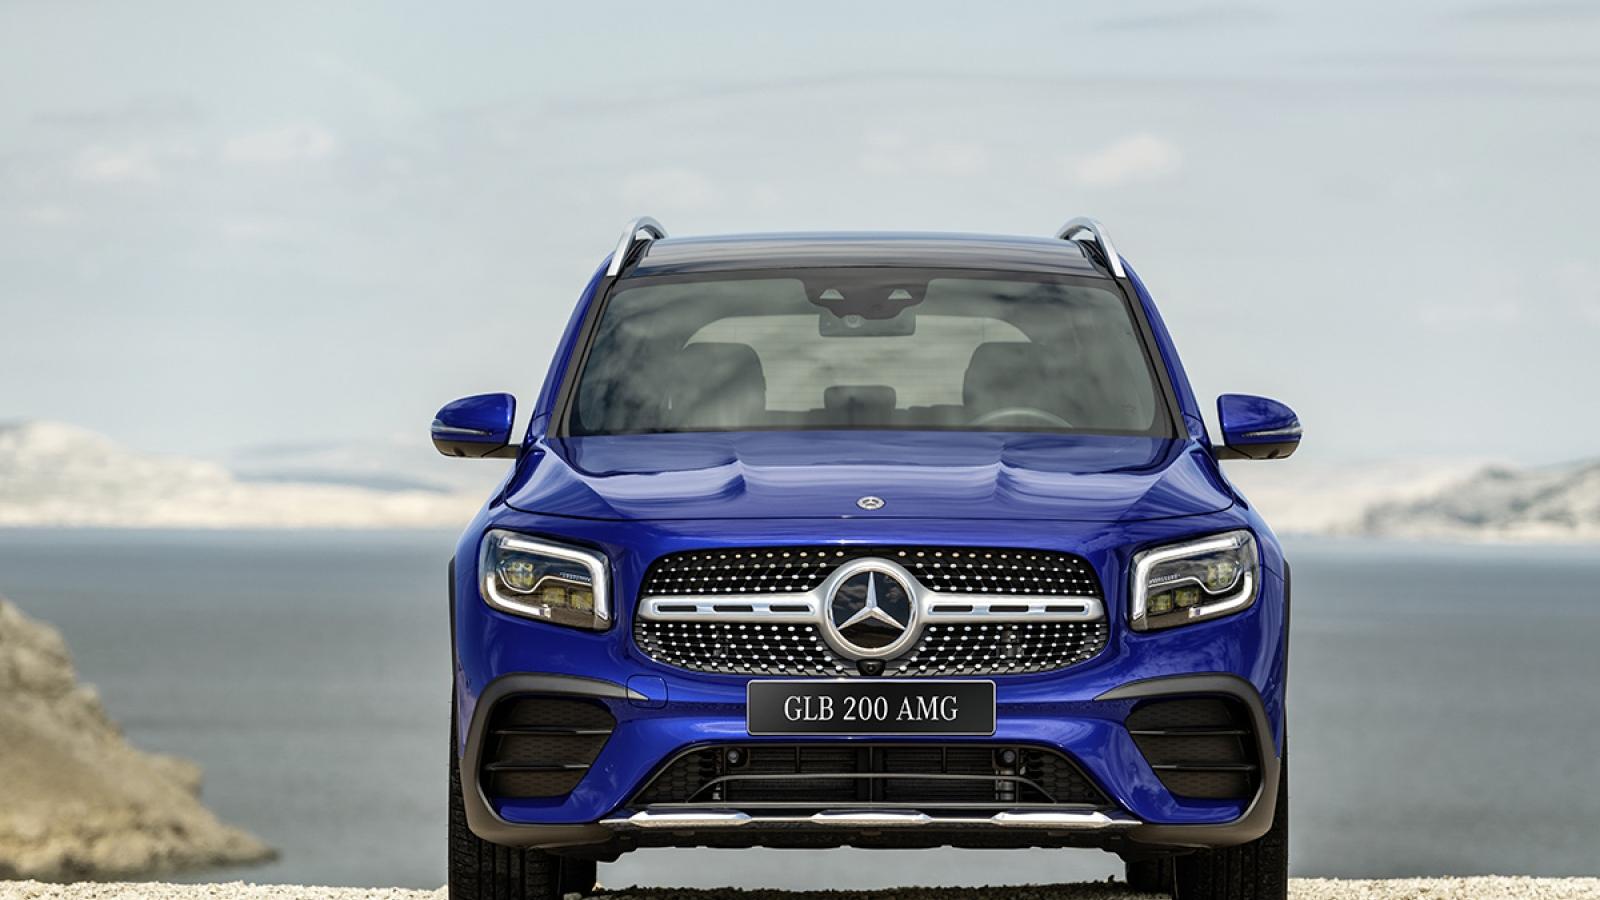 Hình ảnh chi tiết Mercedes-Benz GLB 200 AMG giá gần 2 tỷ đồng